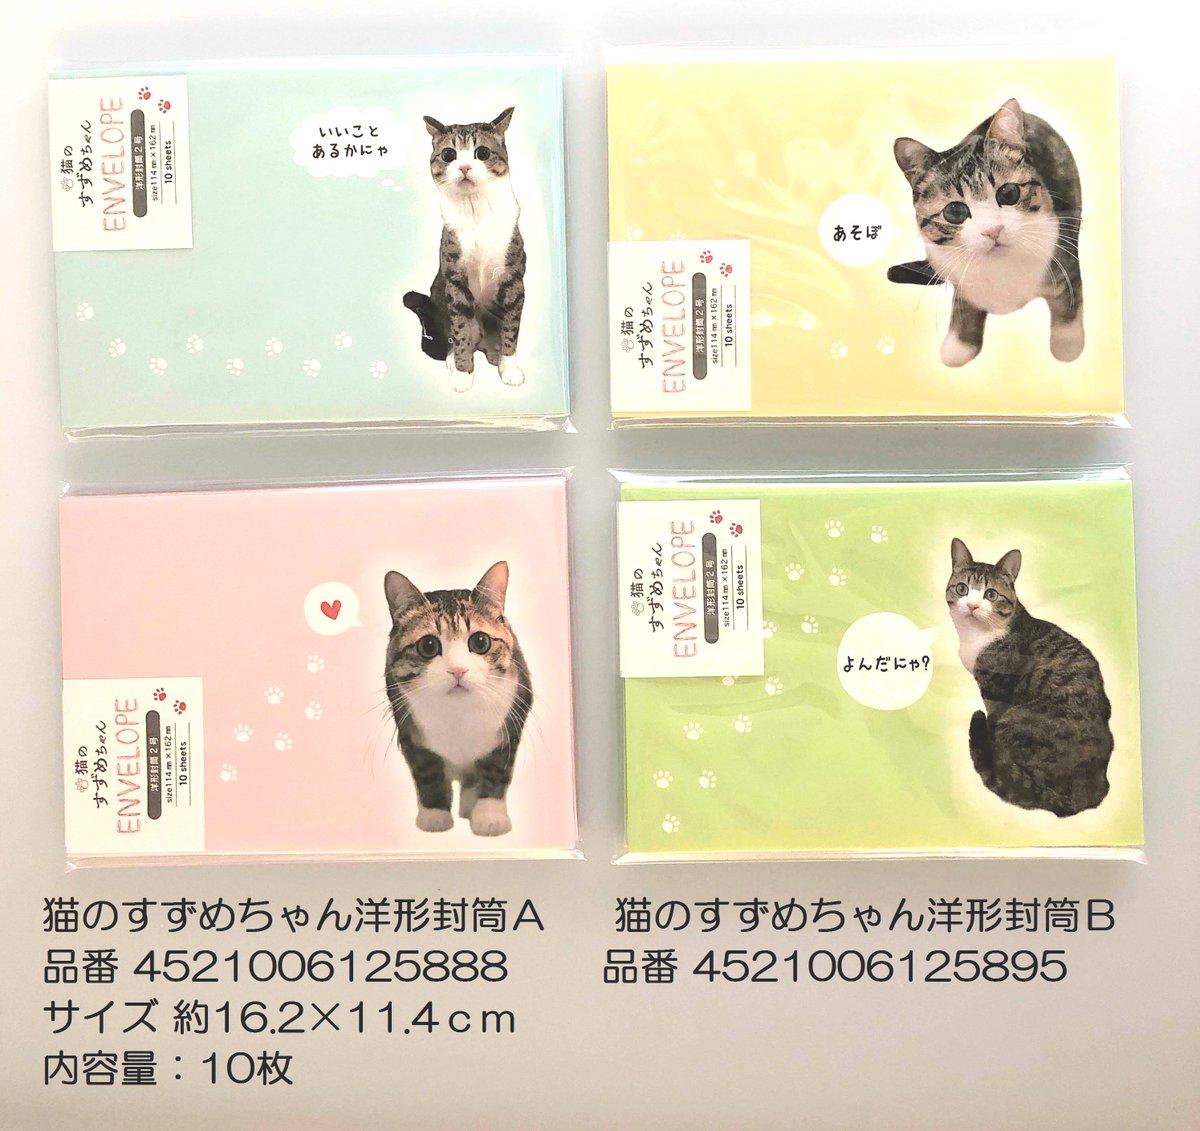 test ツイッターメディア - 本日7月18日(水)より順次発売開始★ 「 #猫のすずめちゃん 」コラボ商品をご紹介します!!  第3弾は封筒・便箋・ぷち袋! #すずめちゃん と一緒に気持ちを伝えませんか?  #キャンドゥ #100均 #猫 #手紙 #レター https://t.co/usdXQrNsSA